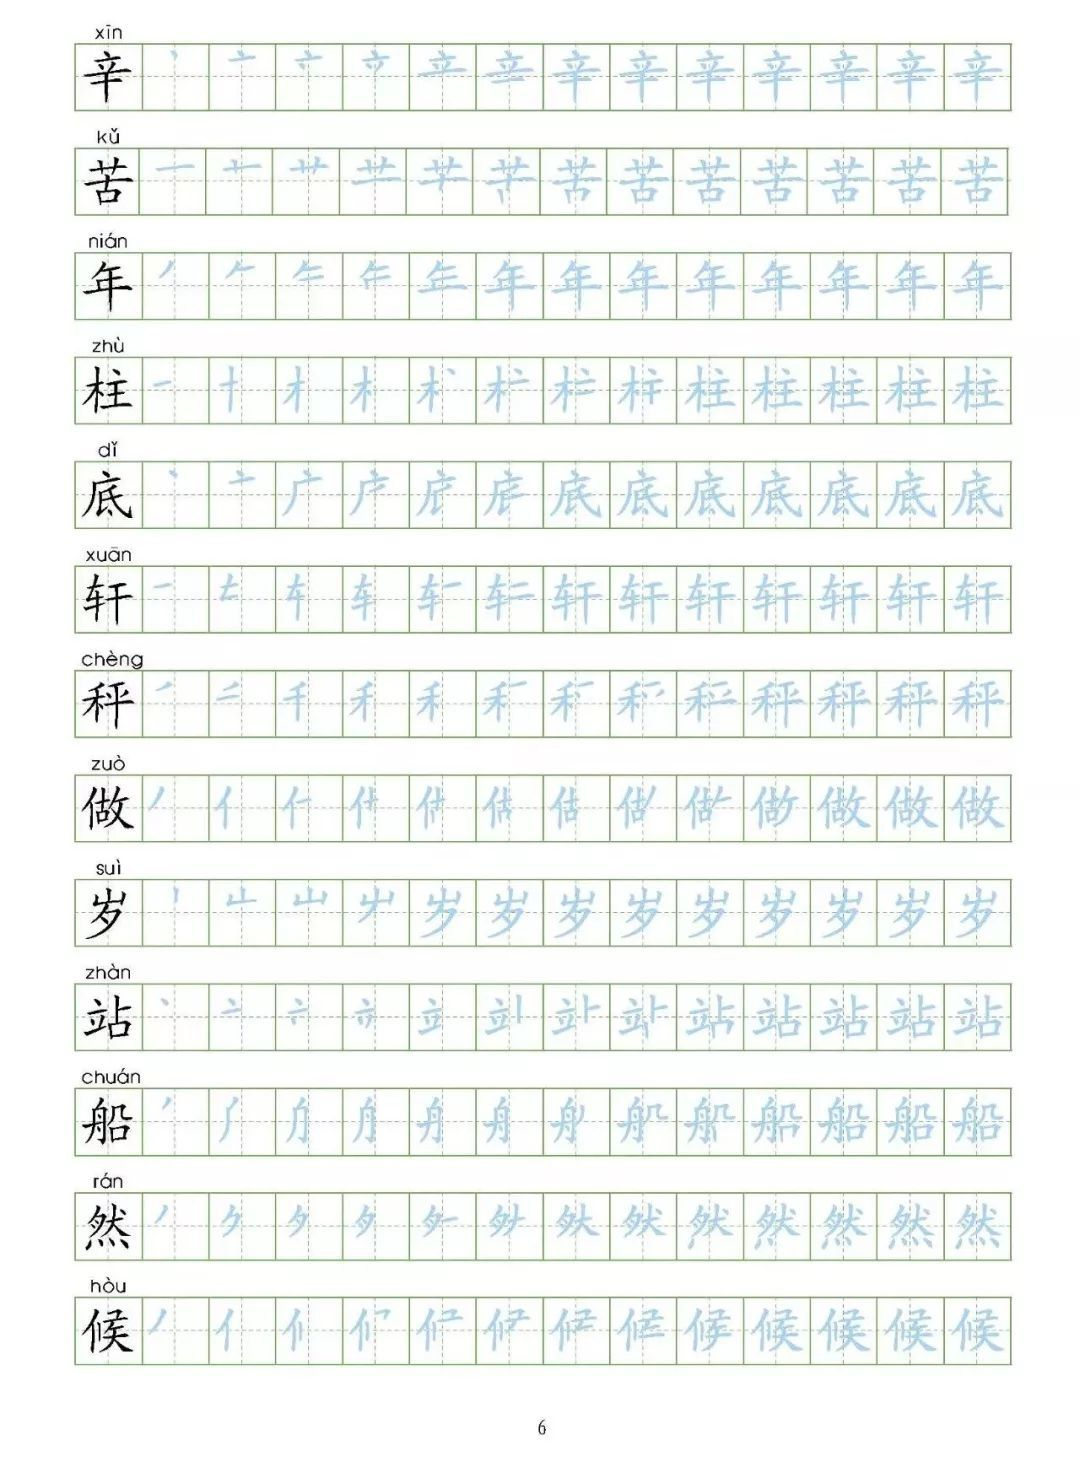 统编一至四年级语文生字表笔顺练习 可保存打印